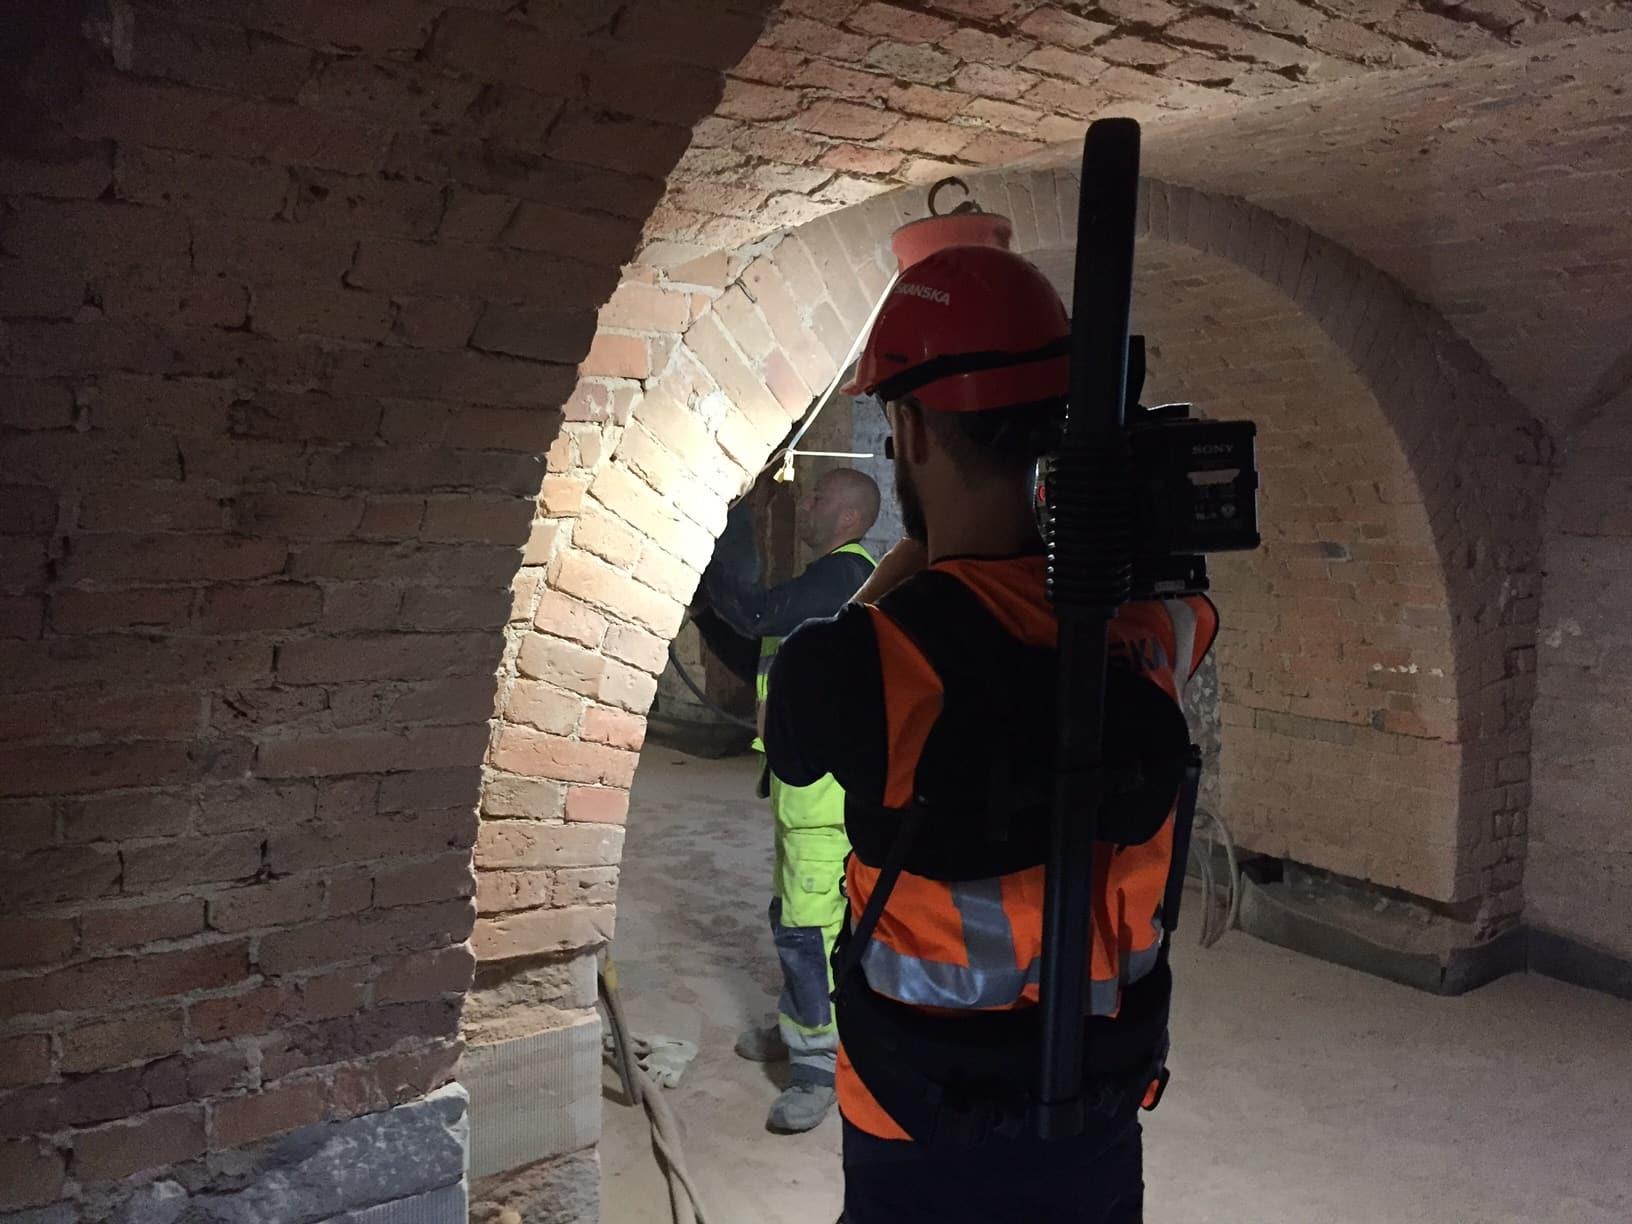 allblästring blästring skanska nationalmuseum svt dokumentär 01